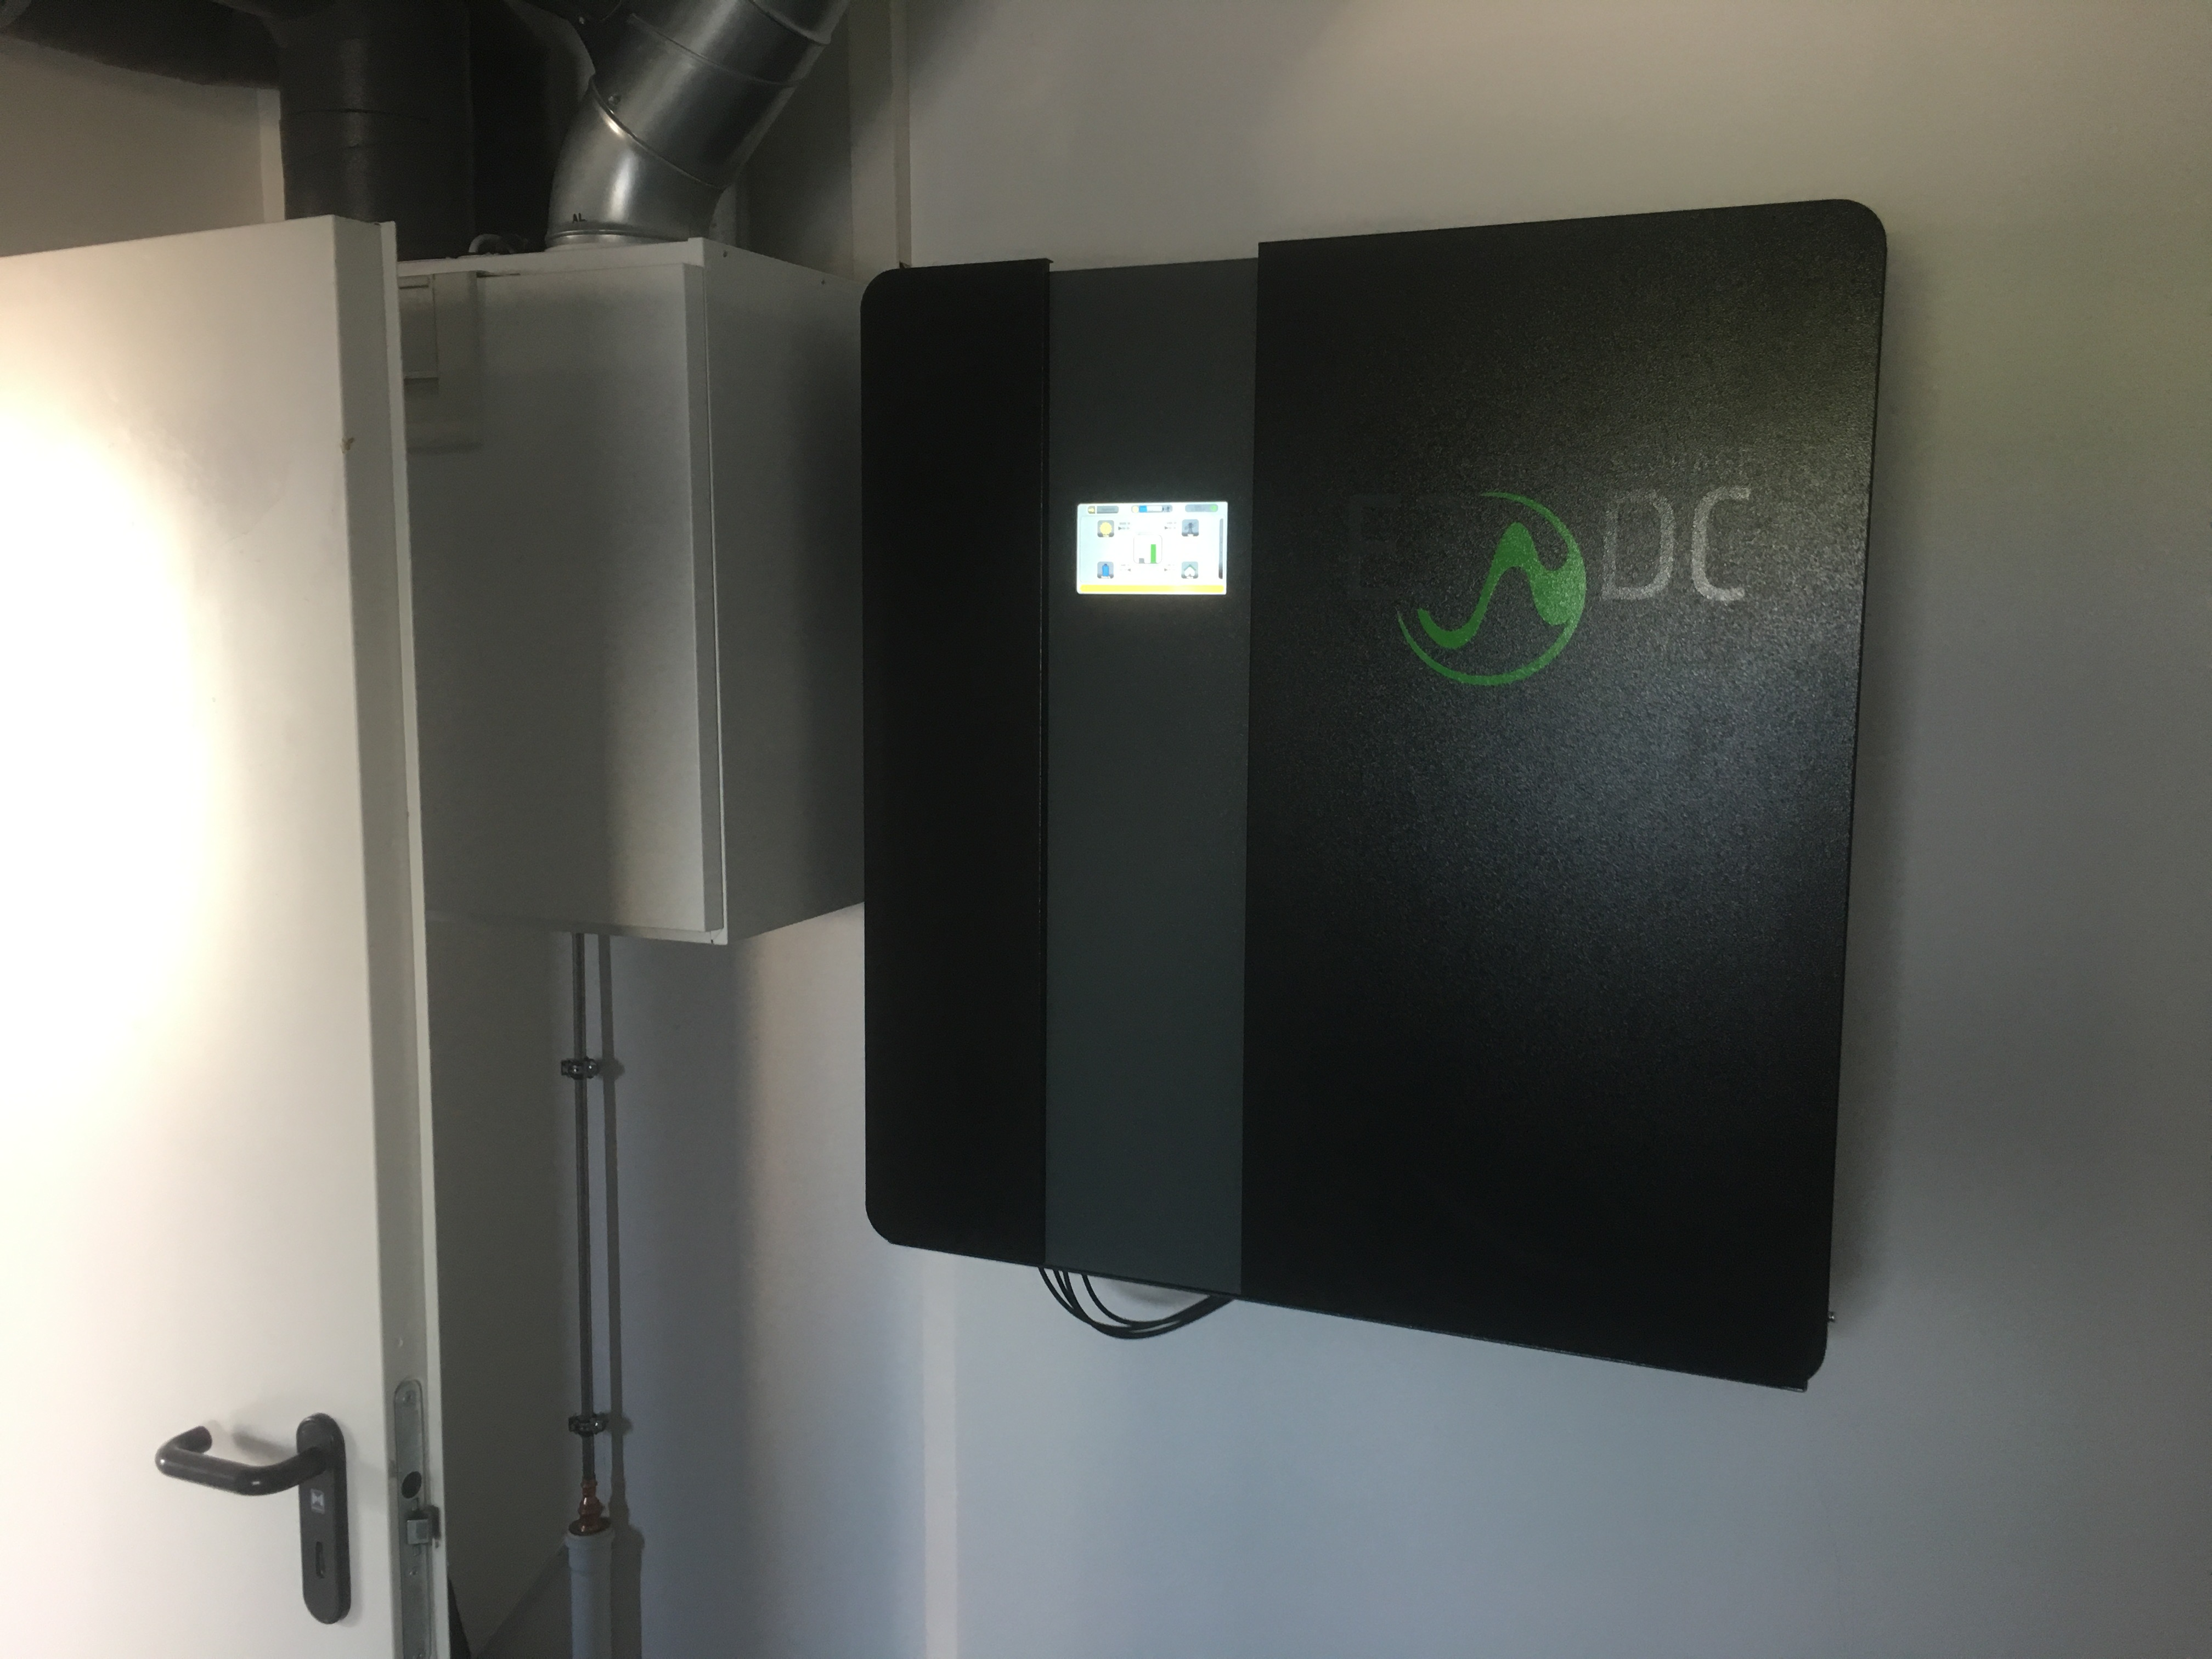 E3DC Speichersystem in Hillerse